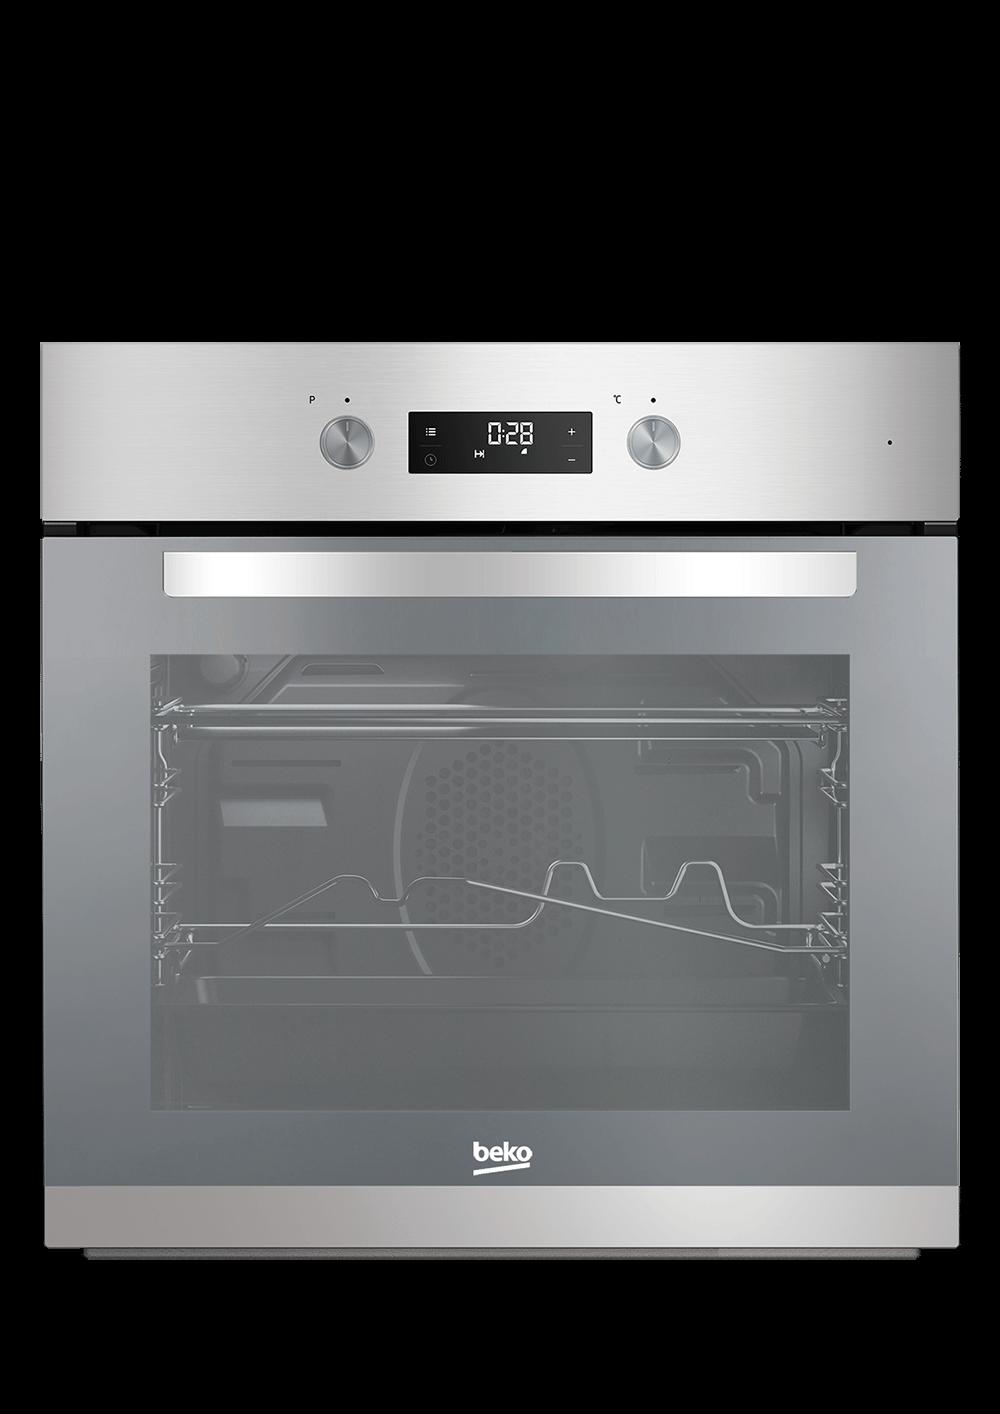 BEKO 60cm Built In Electric Oven BIRT22300XMMS